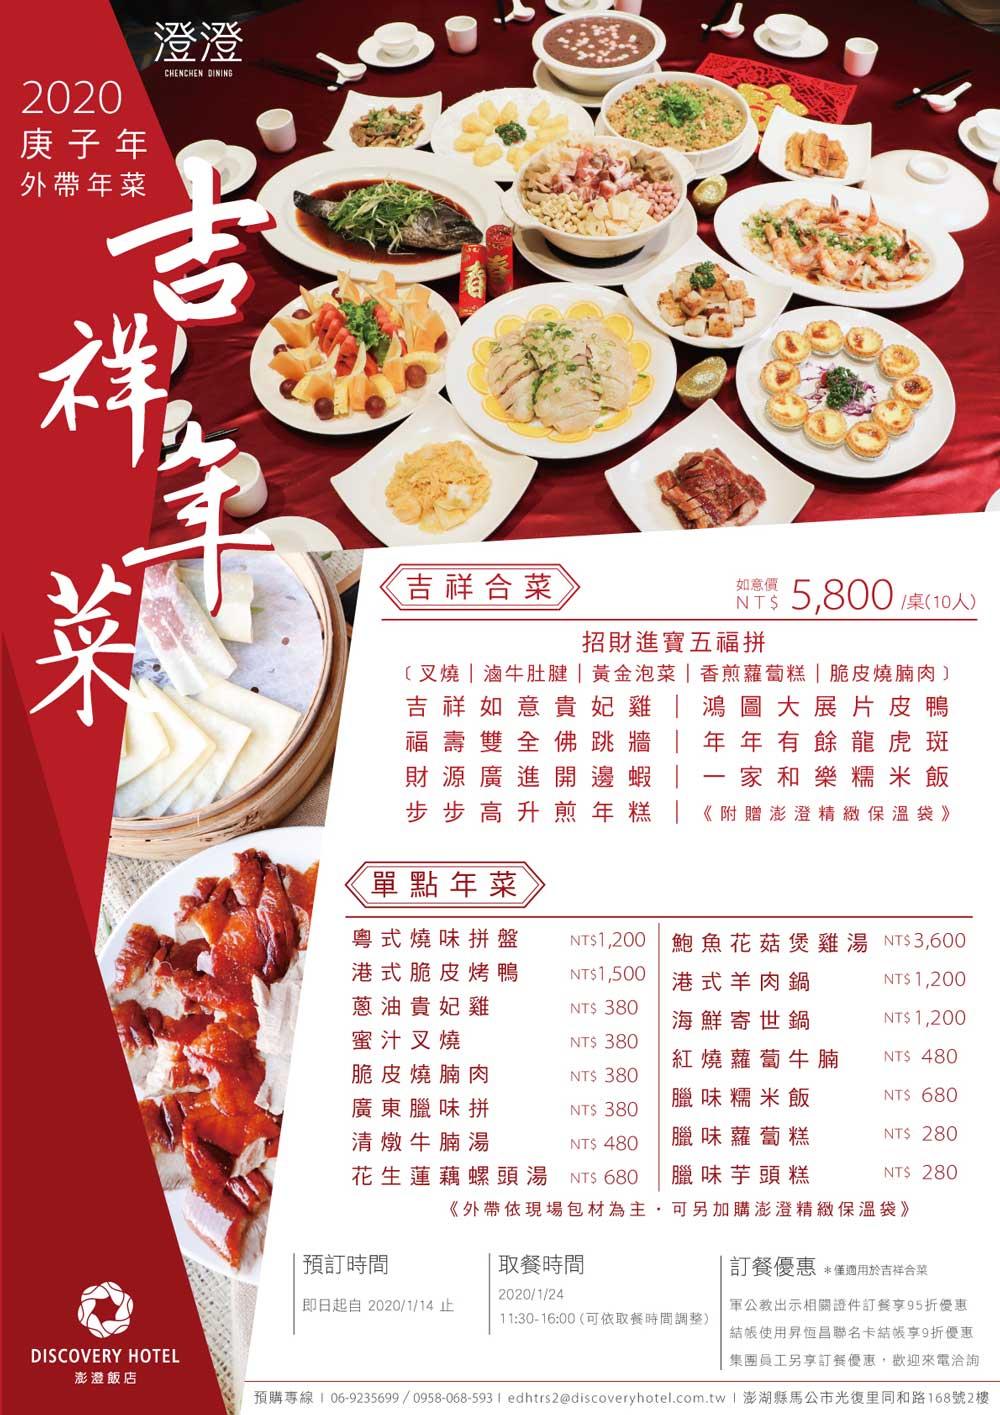 輕鬆出好菜!2020外帶年菜開放預購 - 最新消息 - DISCOVERY HOTEL 澎澄飯店